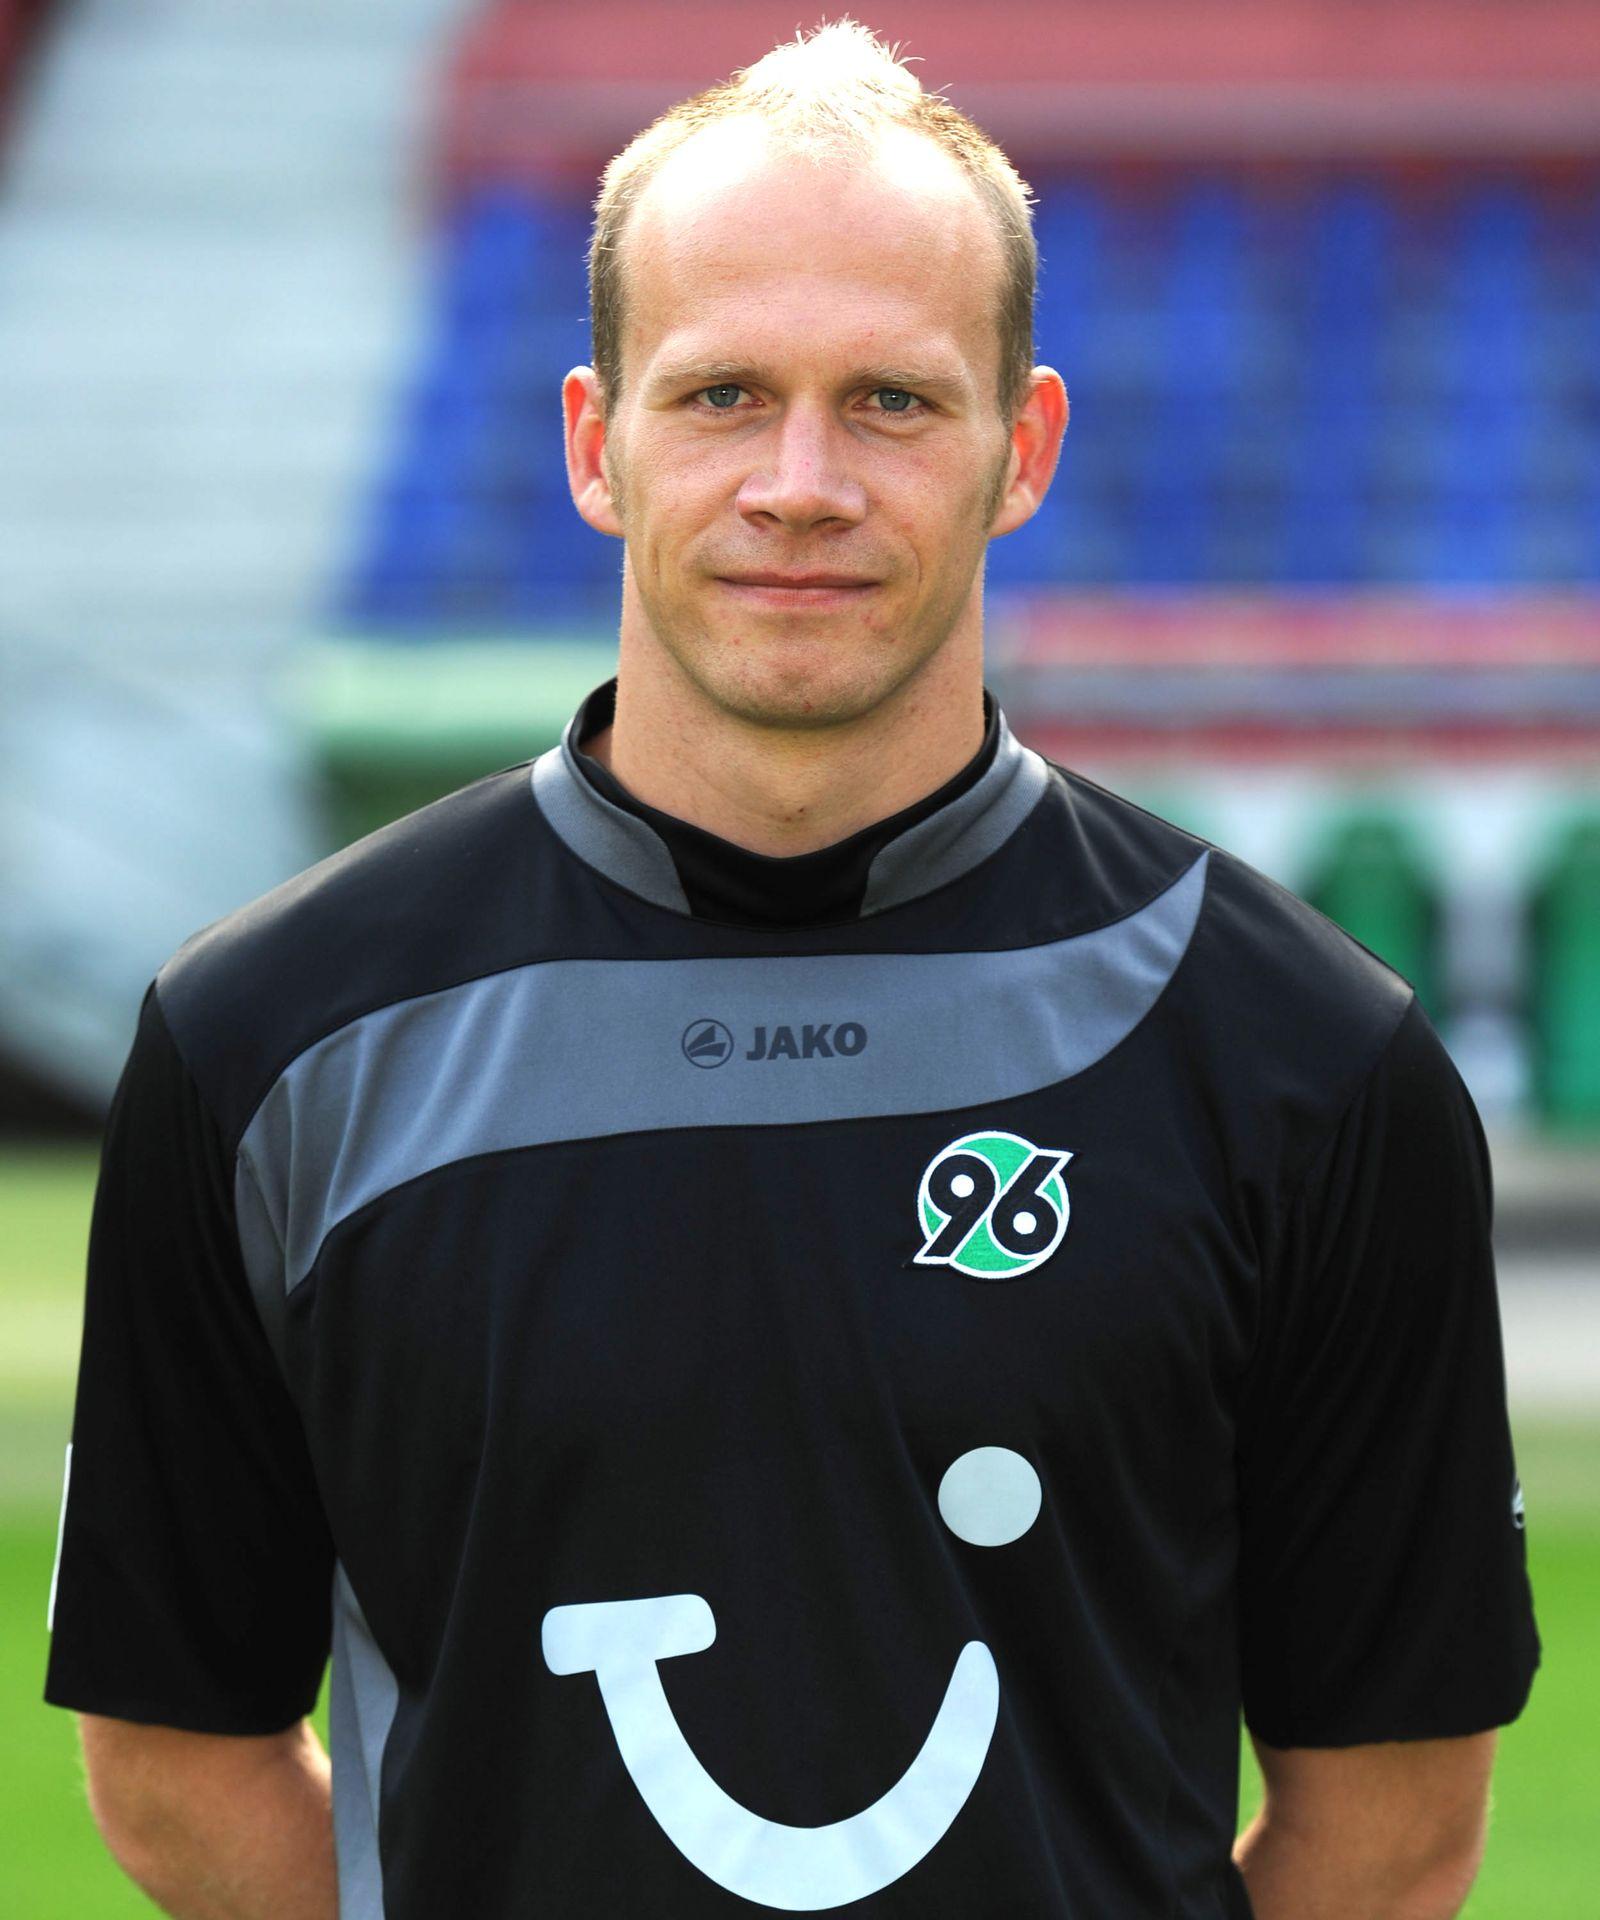 Markus Miller